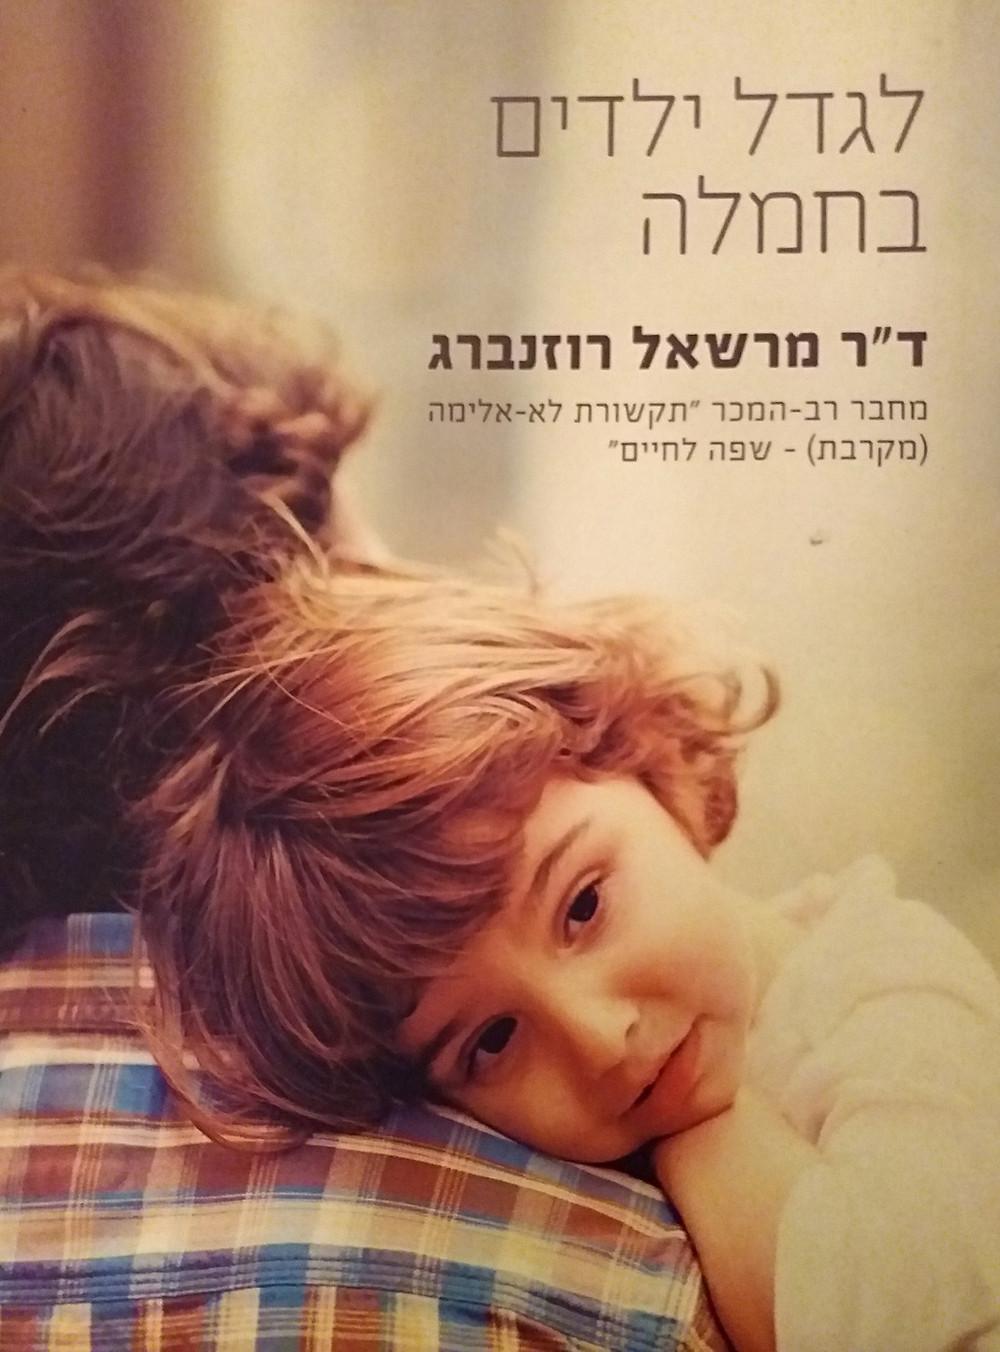 לגדל ילדים בחמלה מאת מרשאל רוזנברג